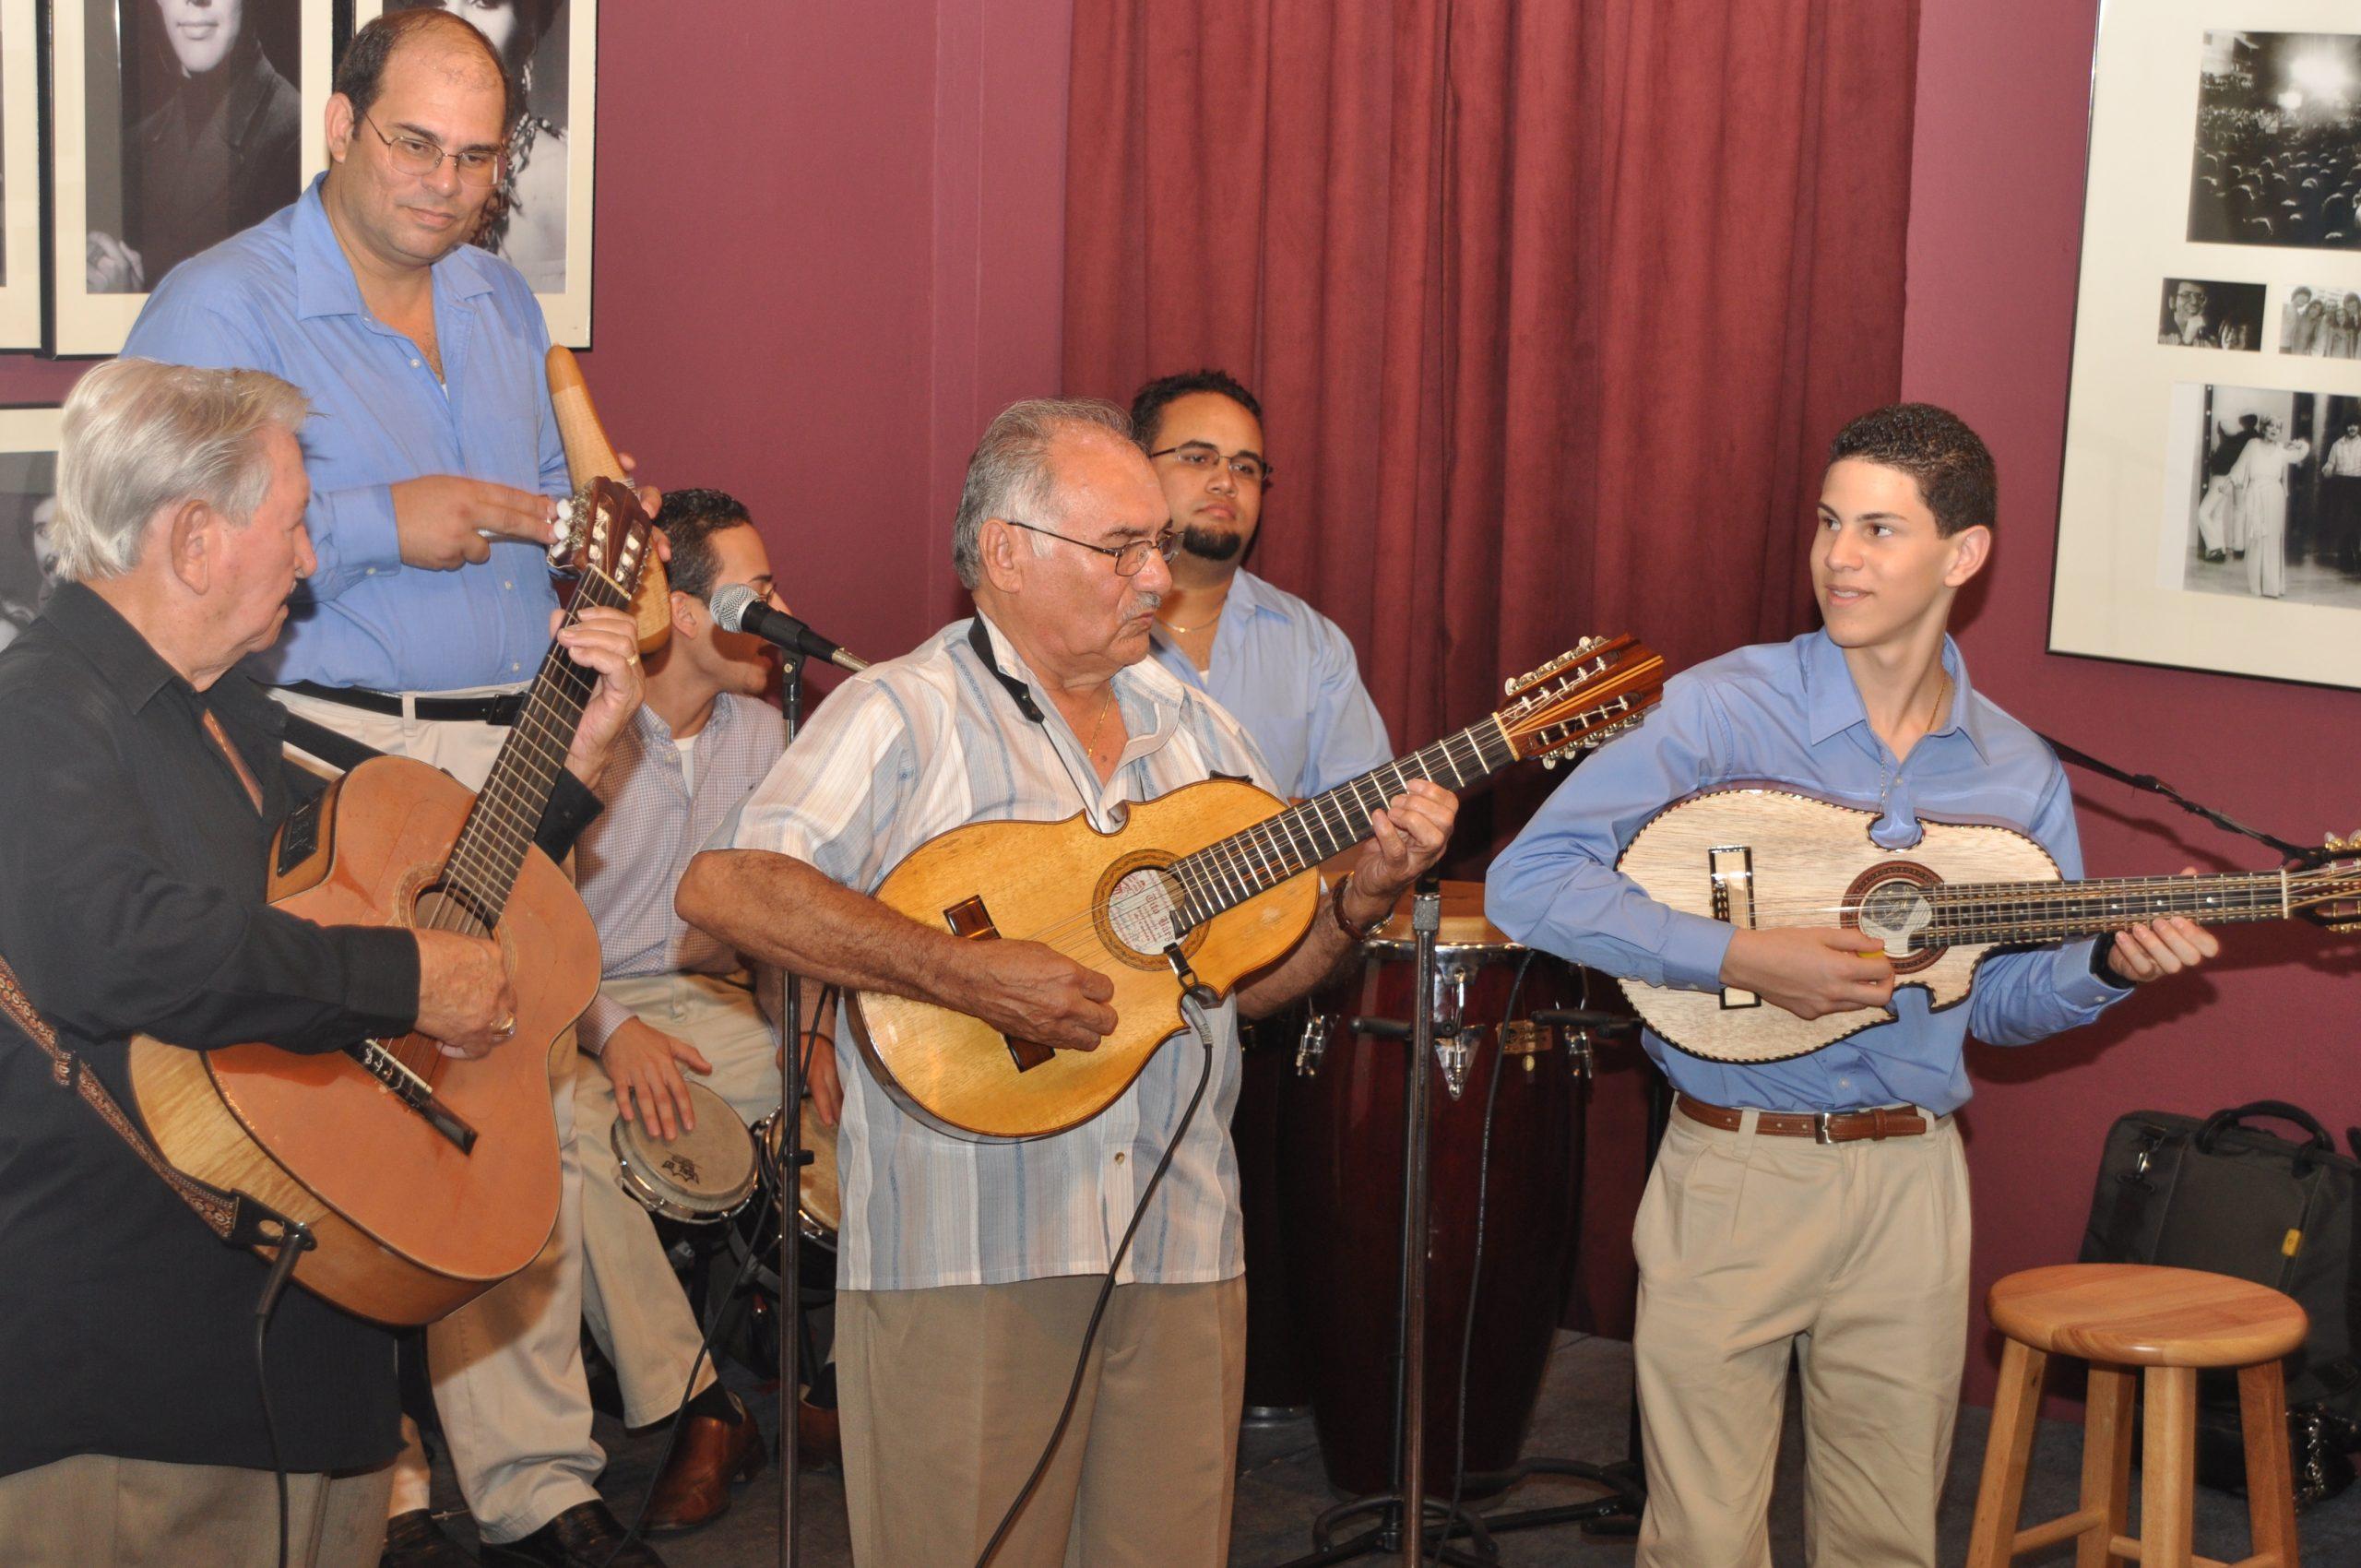 Don Polo ha respladado la carrera musical del joven cuatriosta Luis Sanz. (Foto James Lynn para Fundación Nacional para la Cultura Popular)